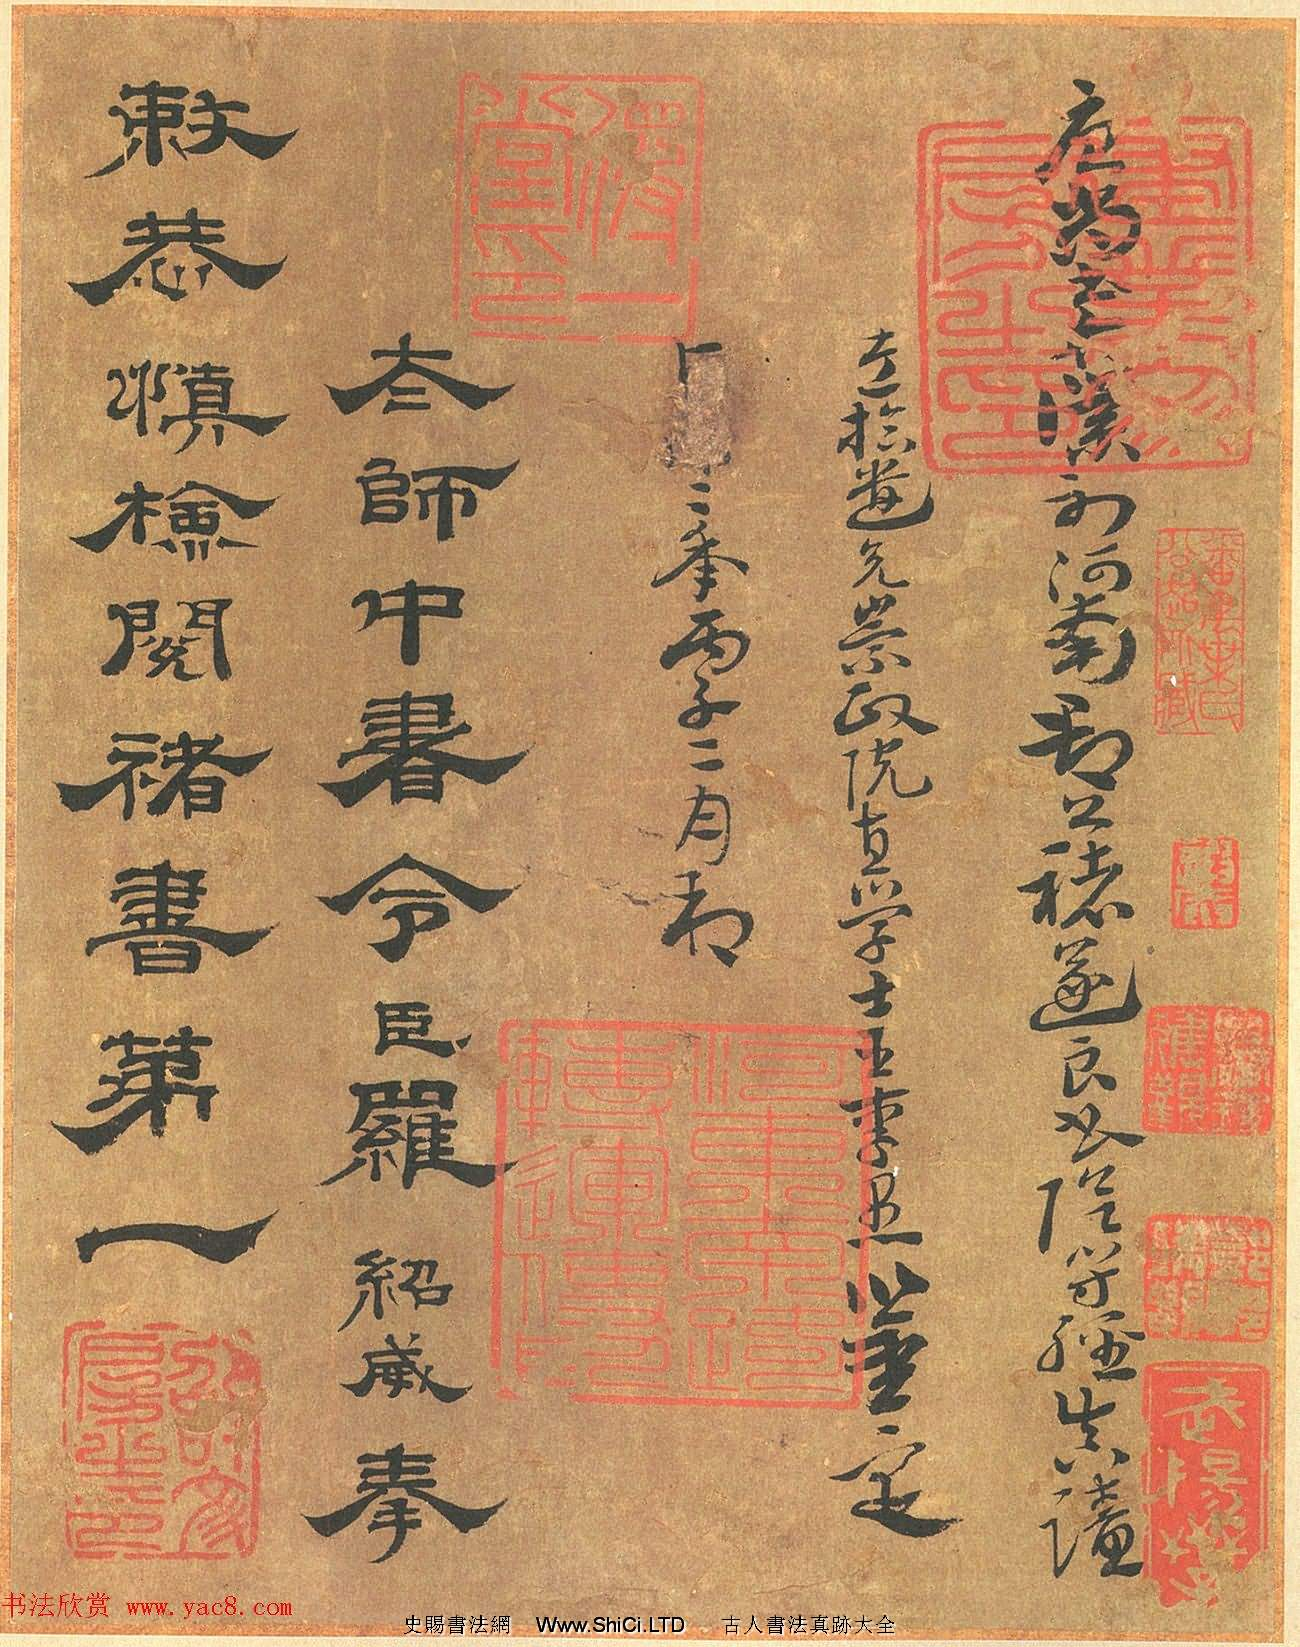 褚遂良楷書大字陰符經原色精印方格版(共26張圖片)